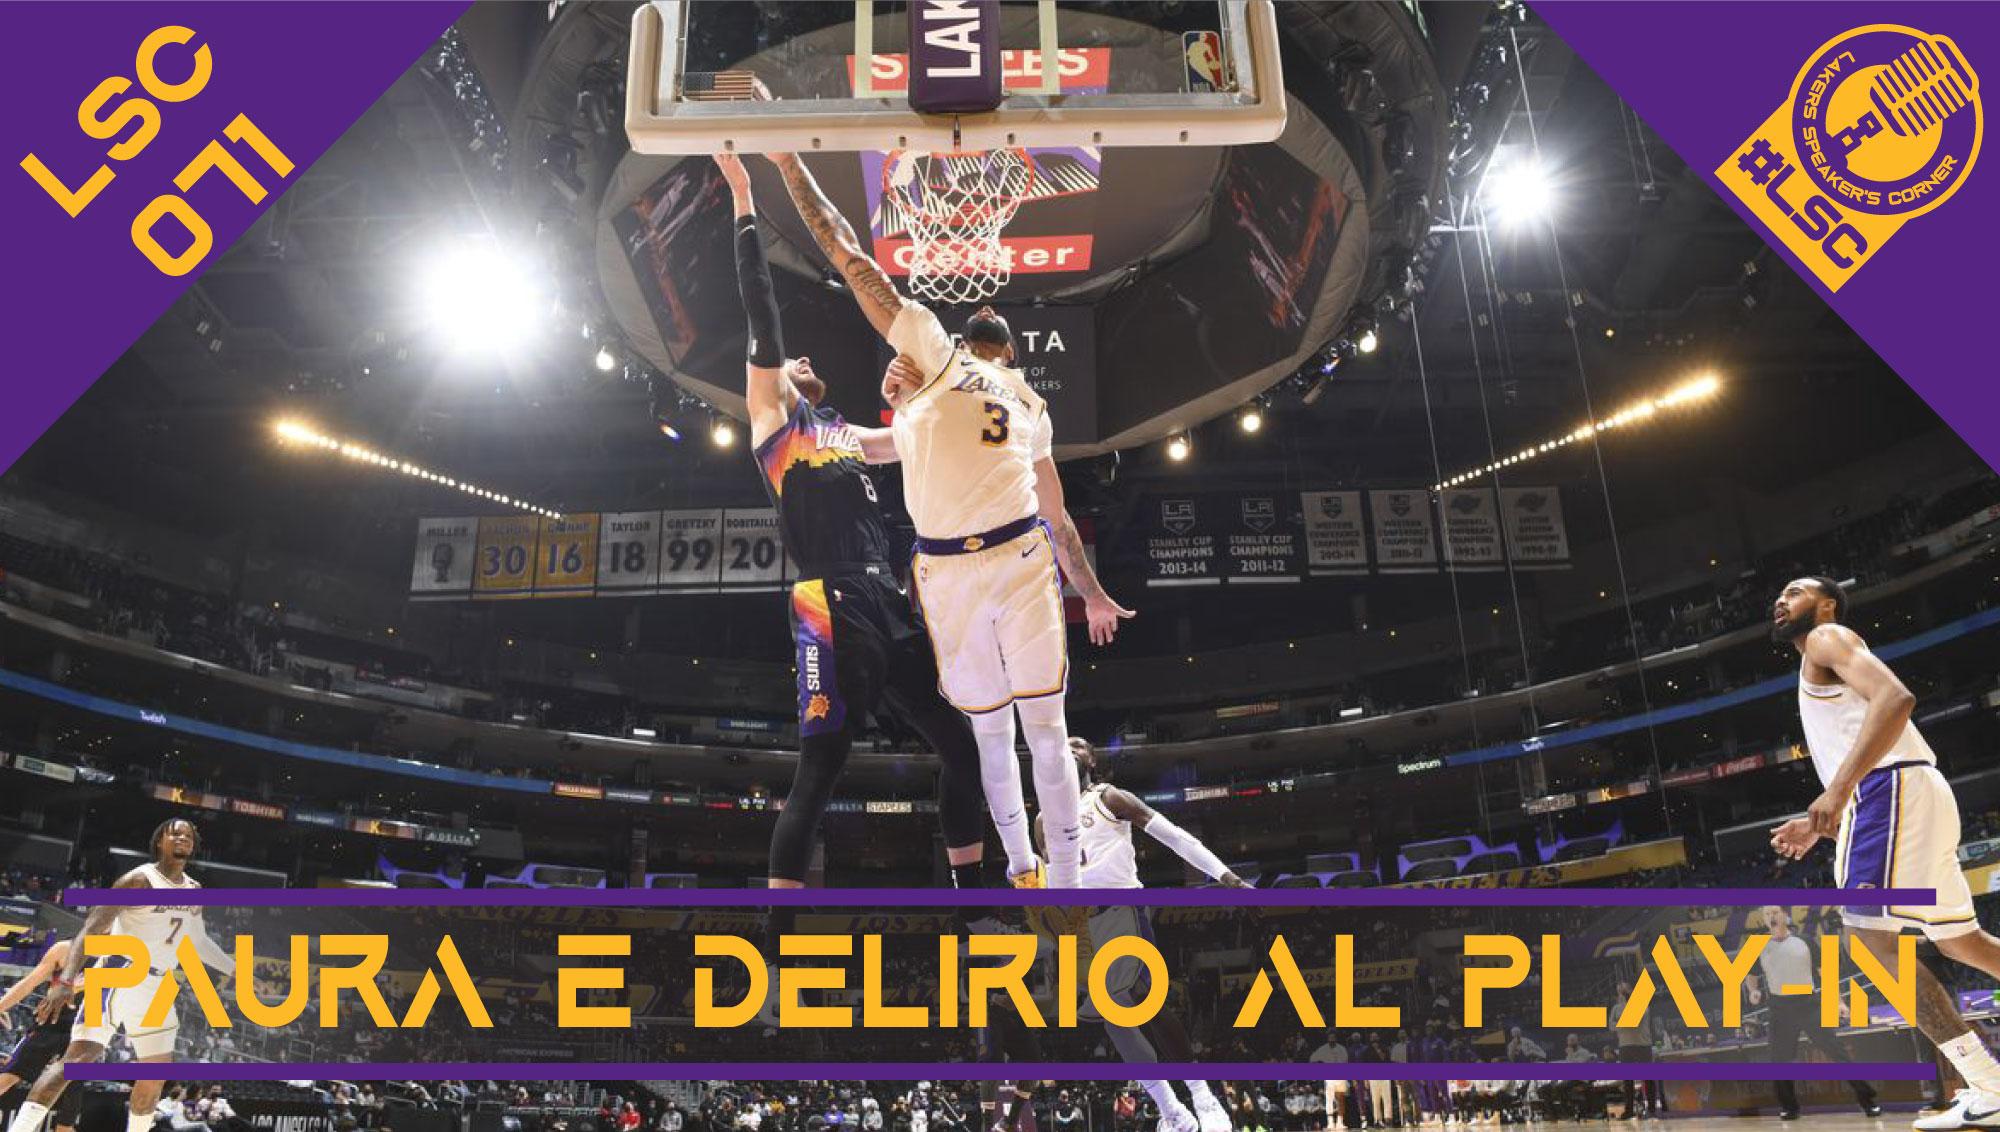 La settimana da antologia di Anthony Davis, i candidati dei Lakers per gli All Defensive-Team e le prospettive gialloviola al play-in.